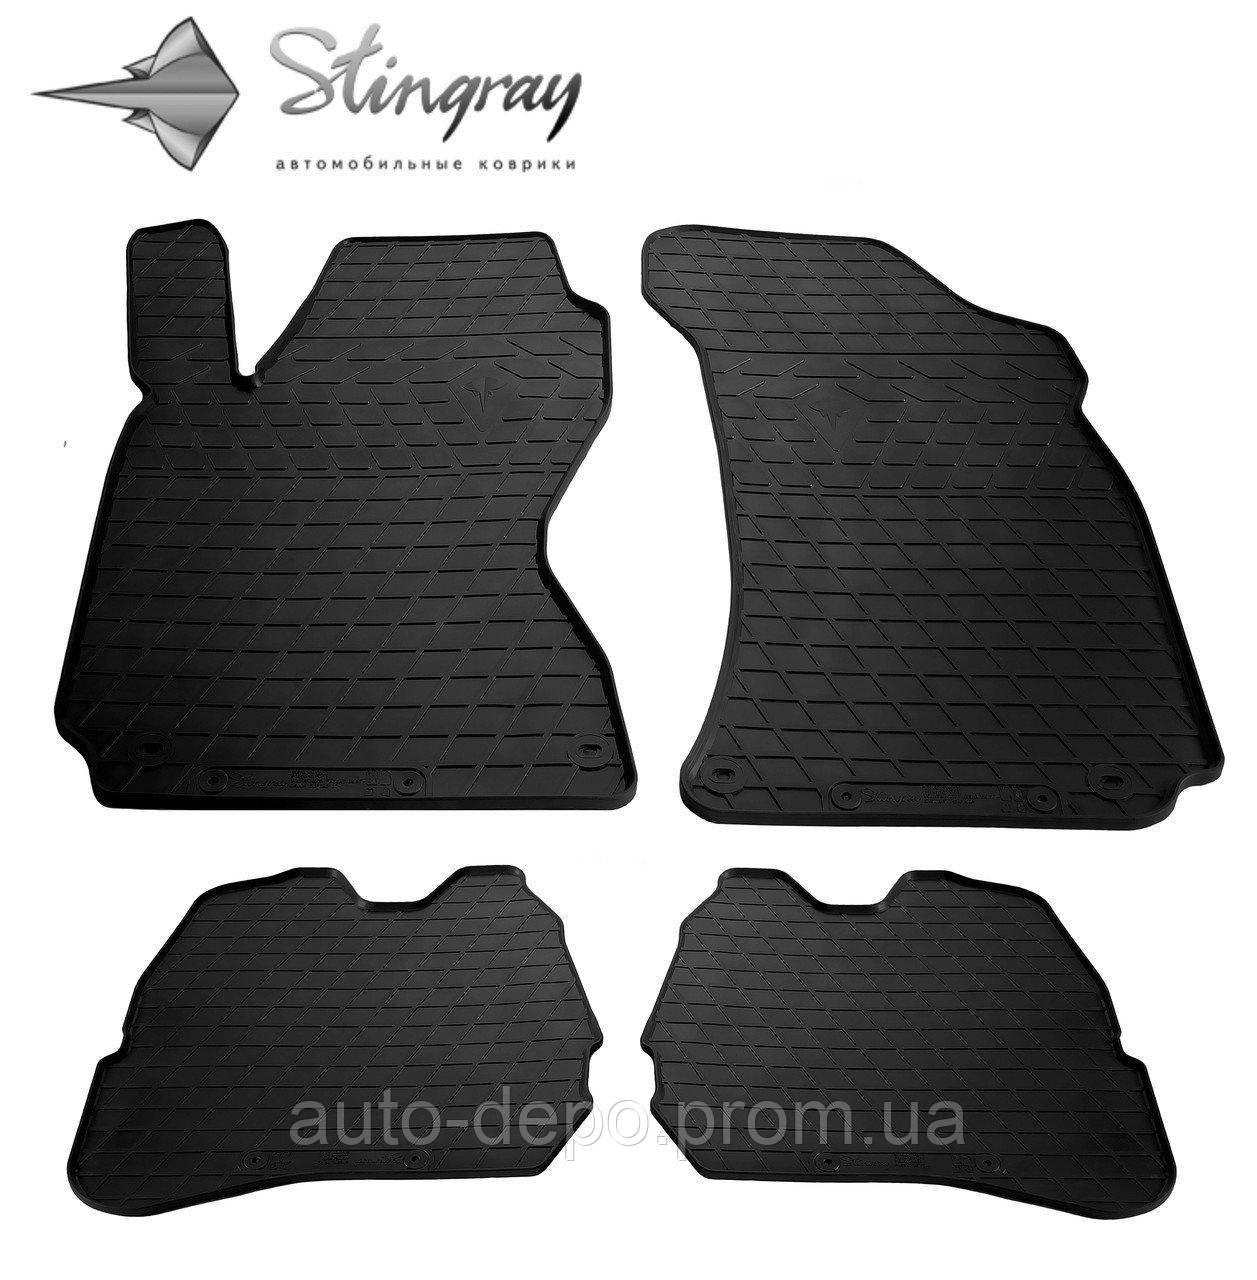 Коврики автомобильные для Volkswagen Passat B5 1997- Stingray